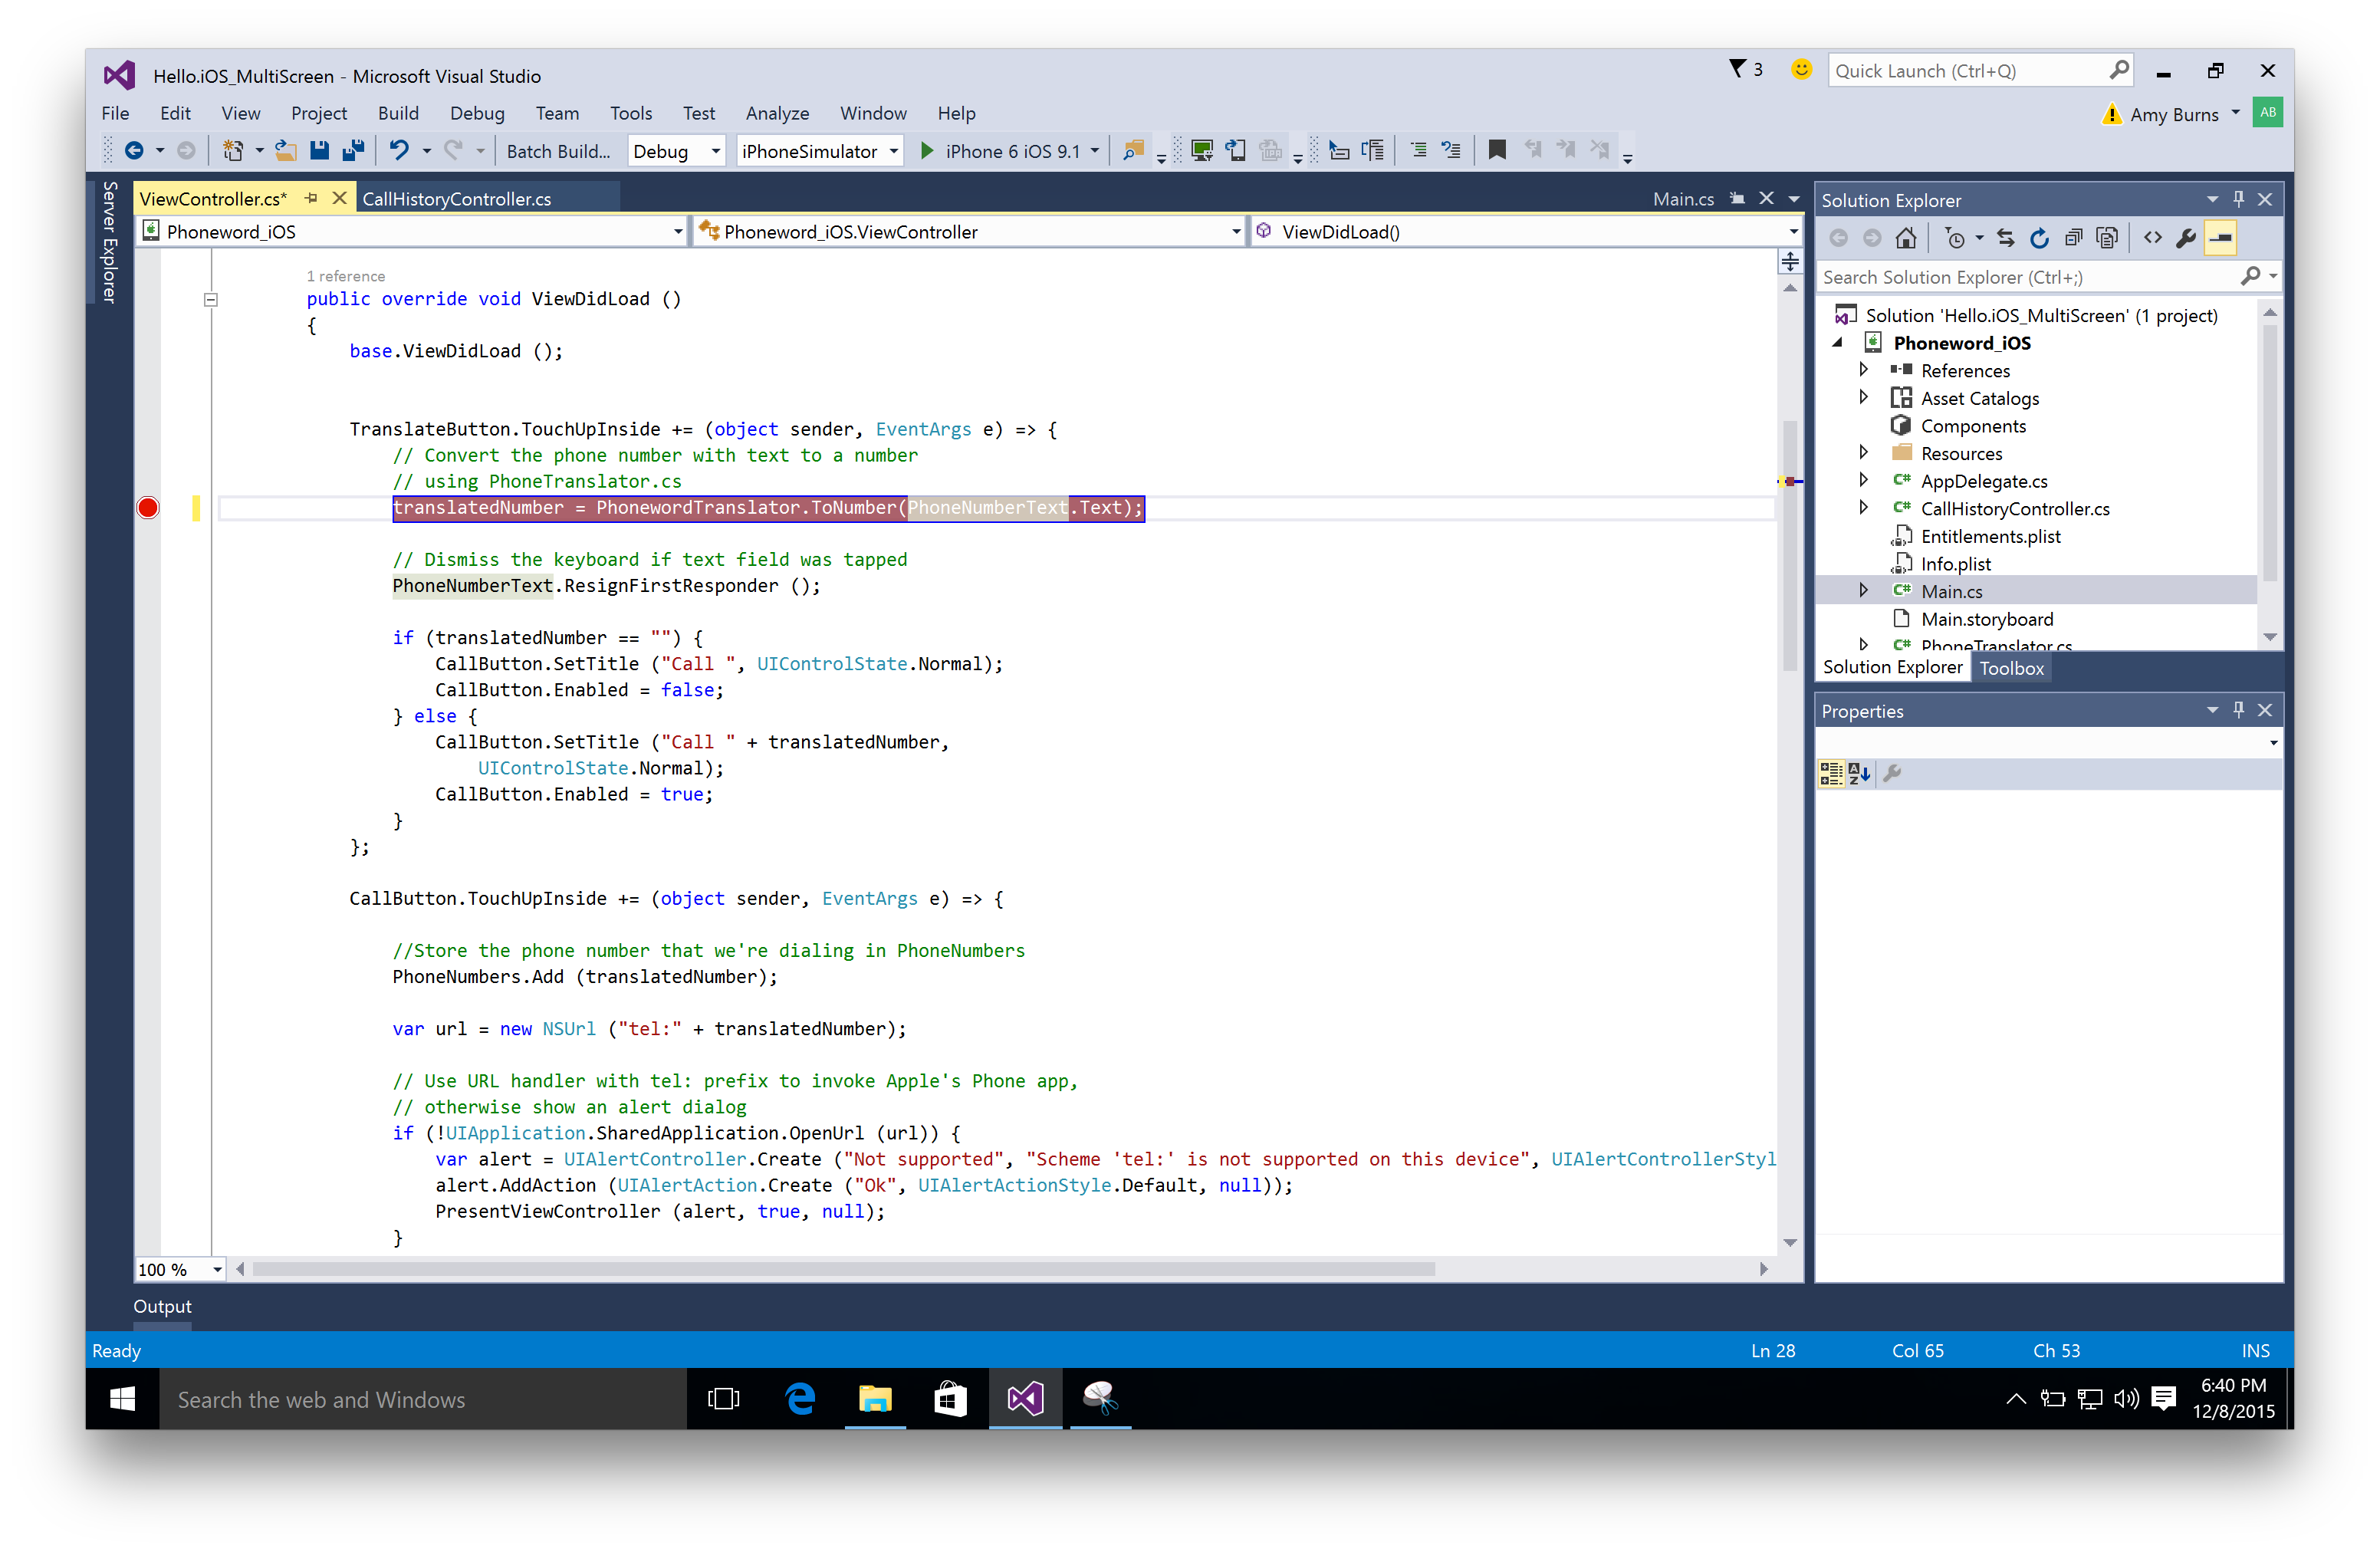 Debugging Xamarin iOS Apps - Xamarin | Microsoft Docs